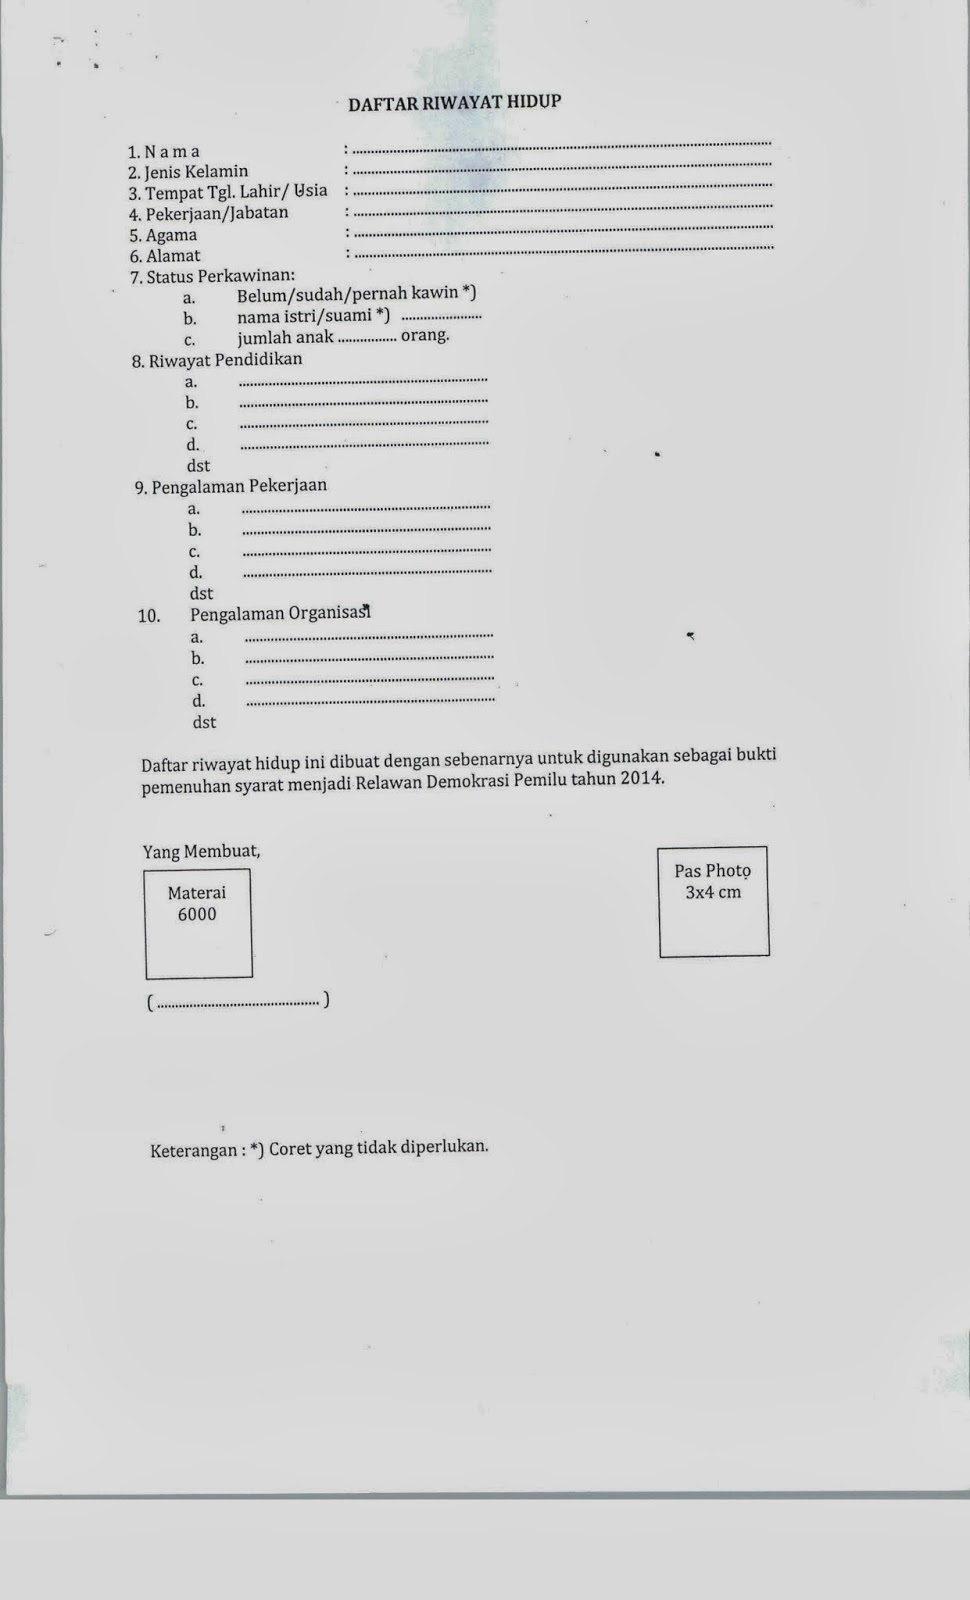 Formulir Pendaftaran Calon Anggota Relawan Kpu Kabupaten Jepara